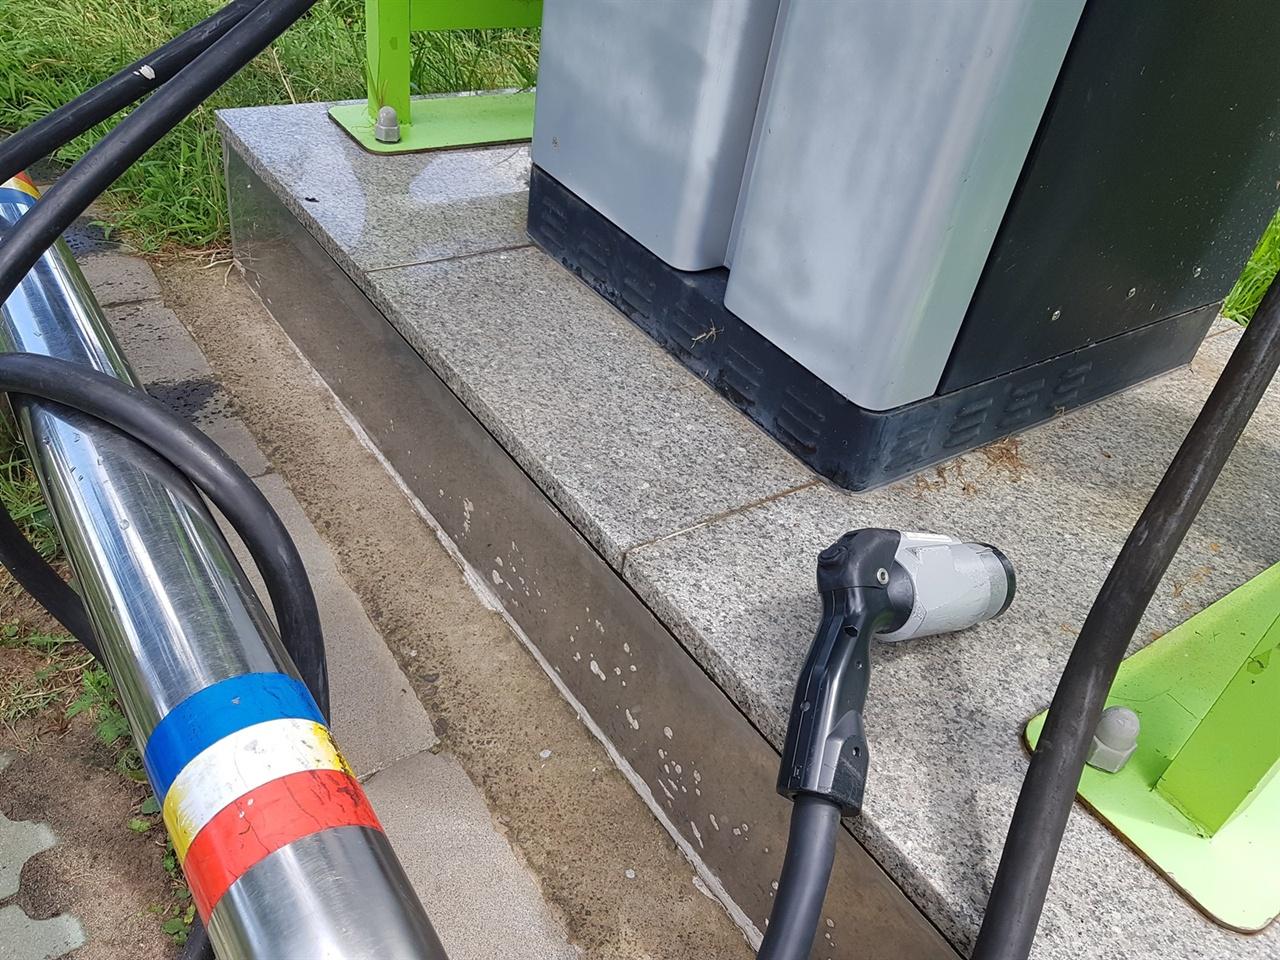 사용 후 바닥에 던져두고 간 충전기 커넥터는 파손과 빗물유입 등의 문제로 이어진다